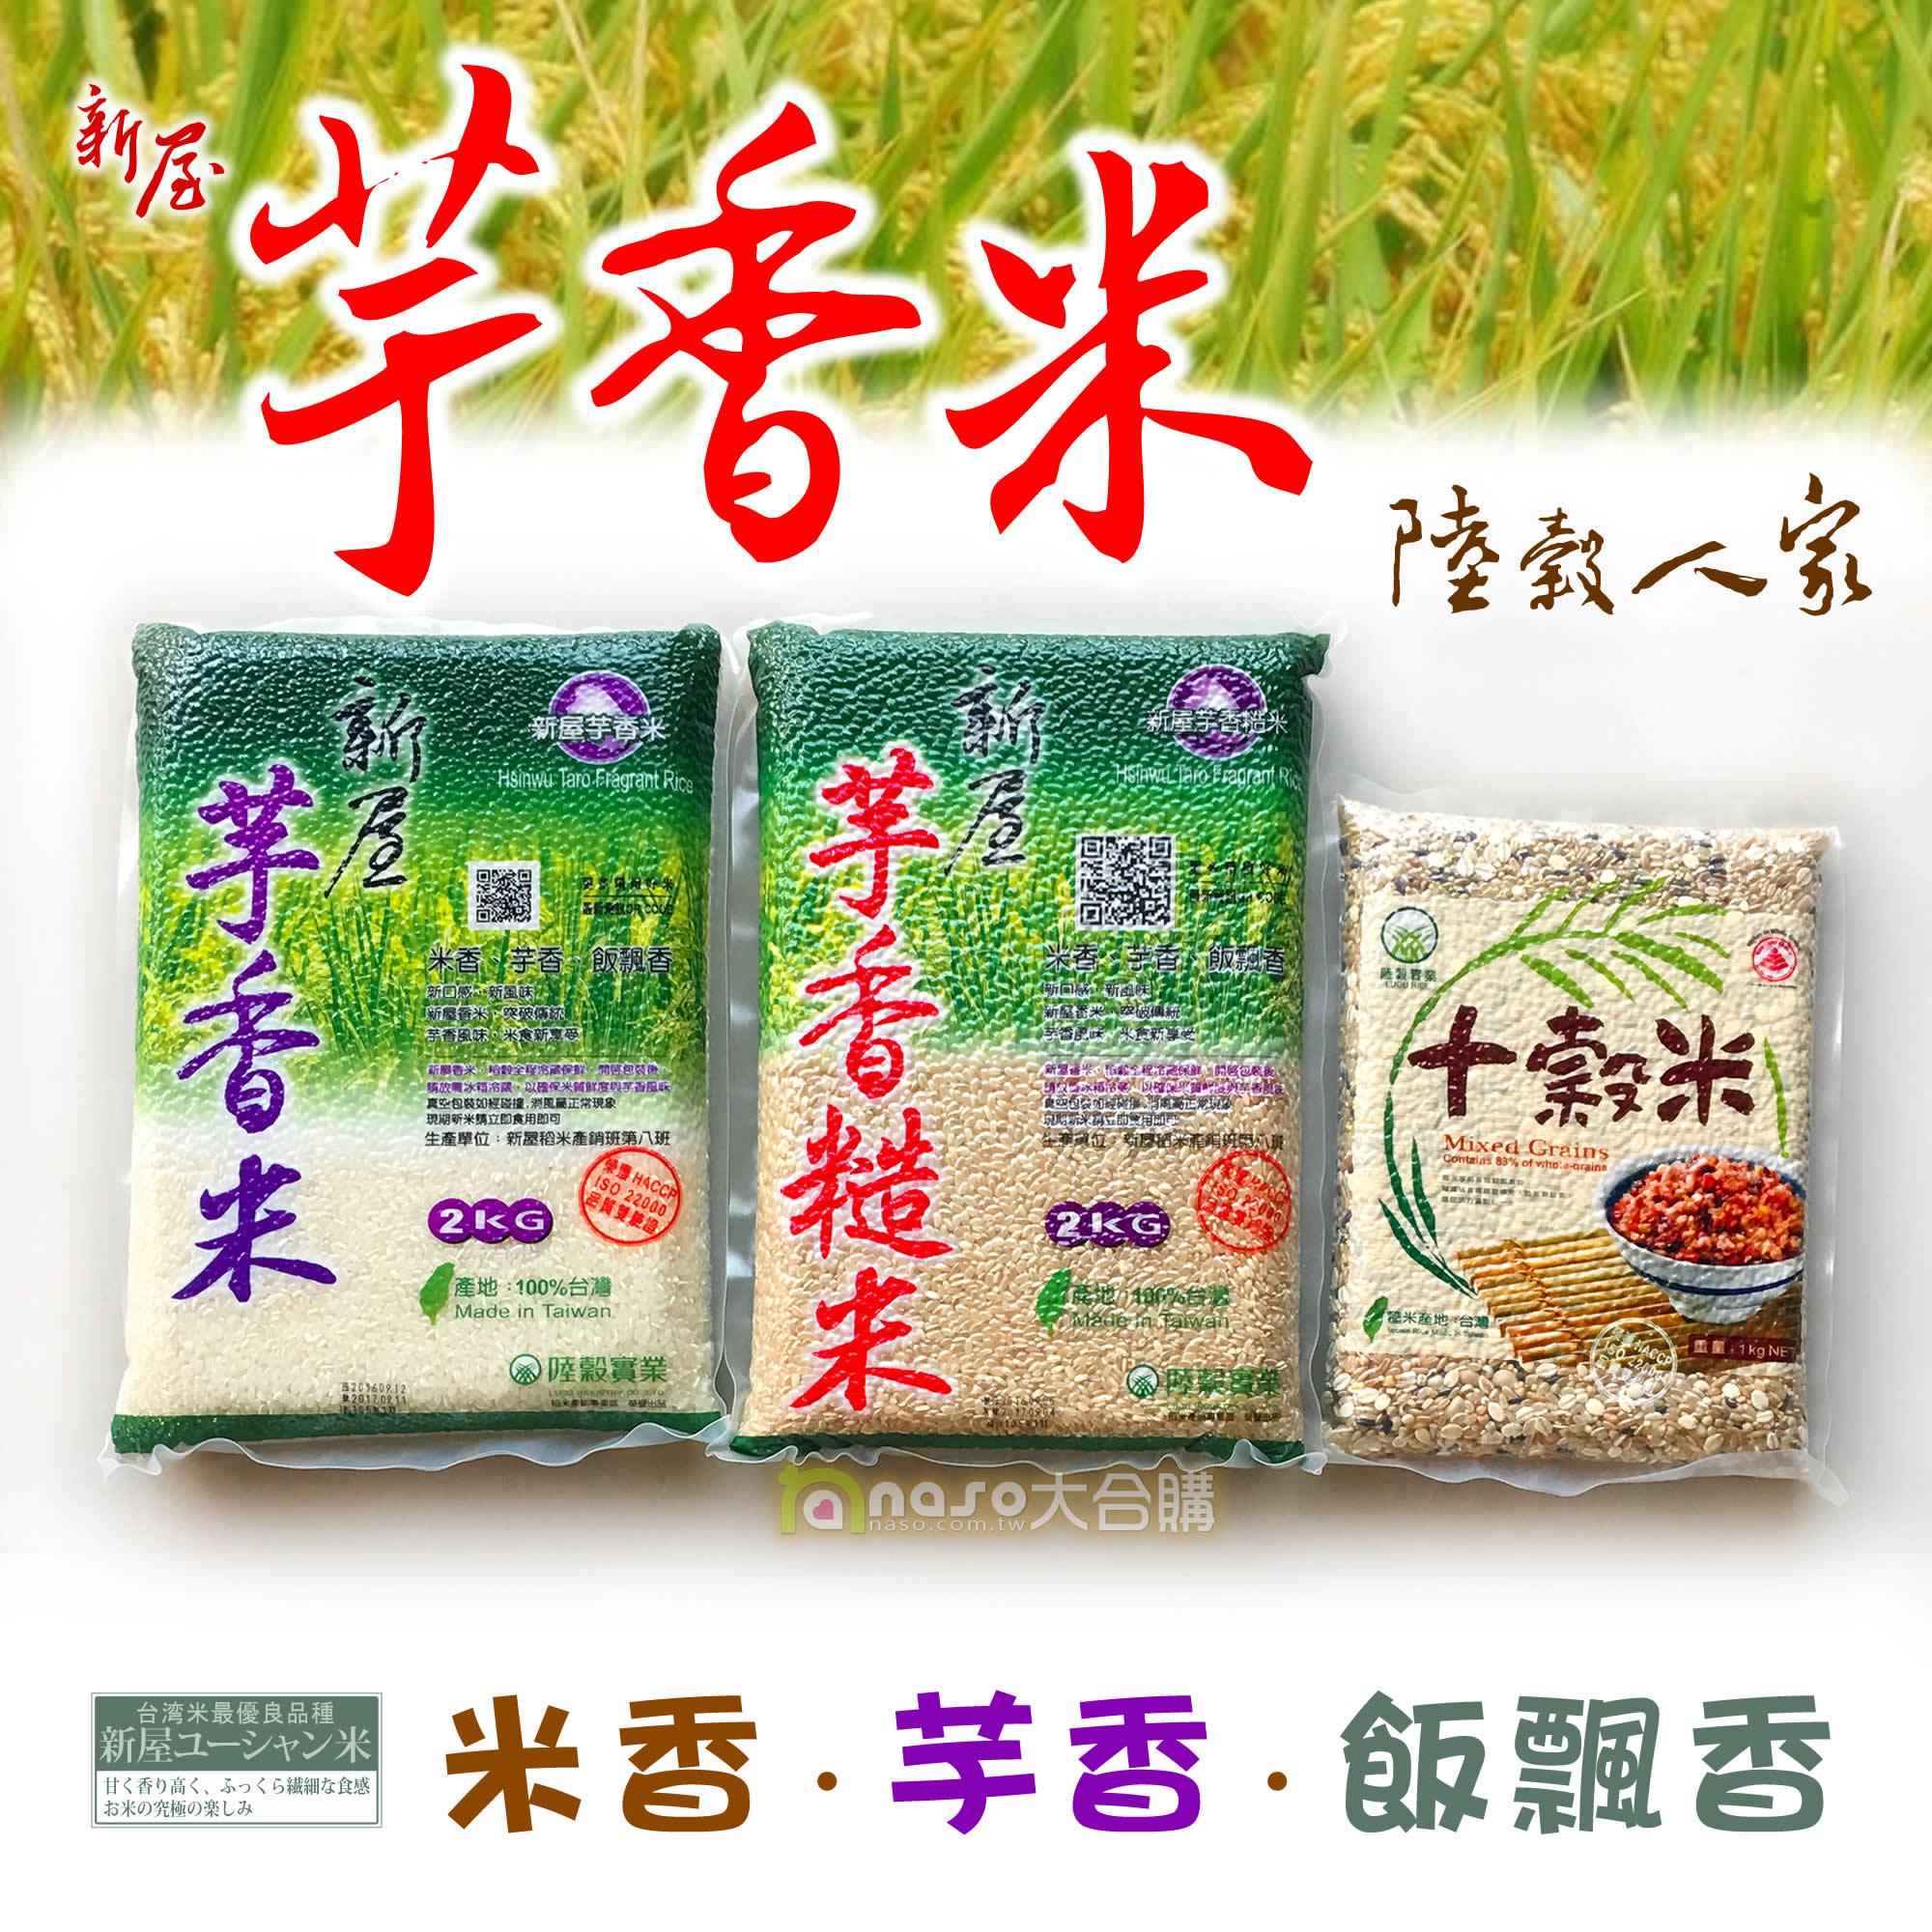 【陸穀人家】新屋芋香米/芋香糙米/十穀米 好評第12團